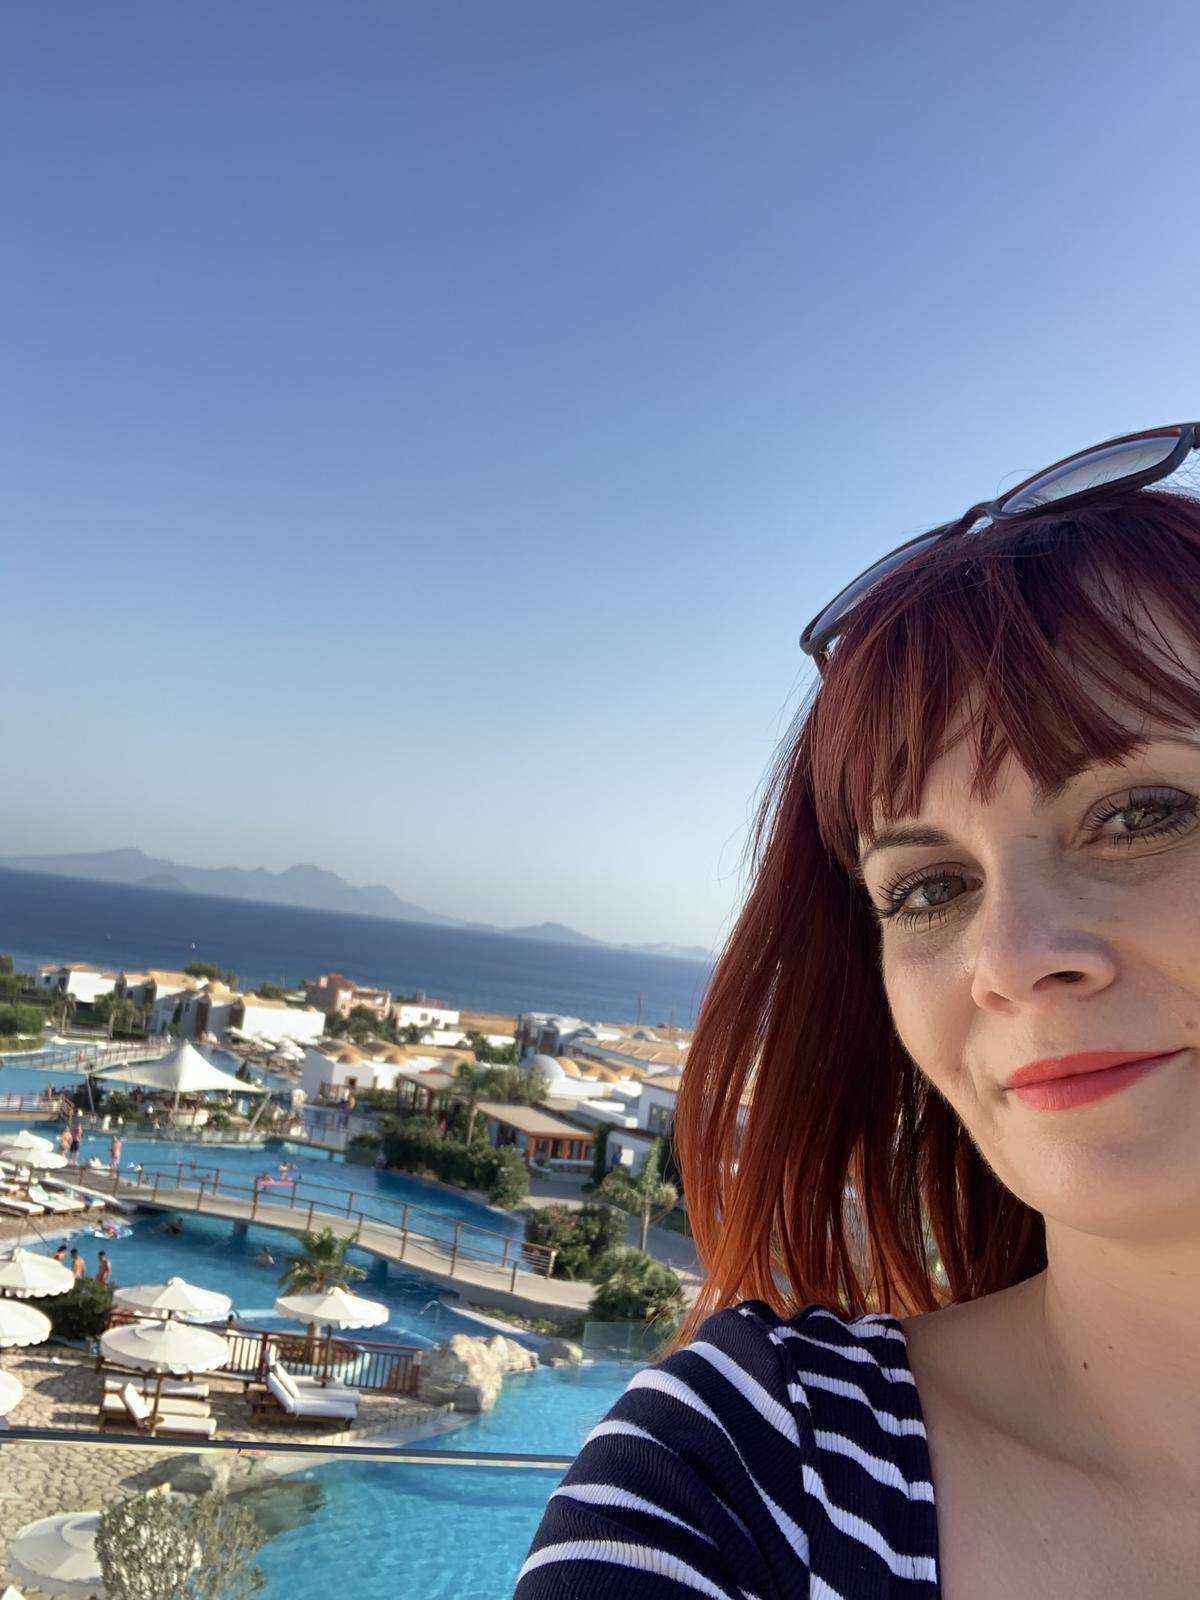 Léto 2019, Řecko - Kos - Obrázek č. 11